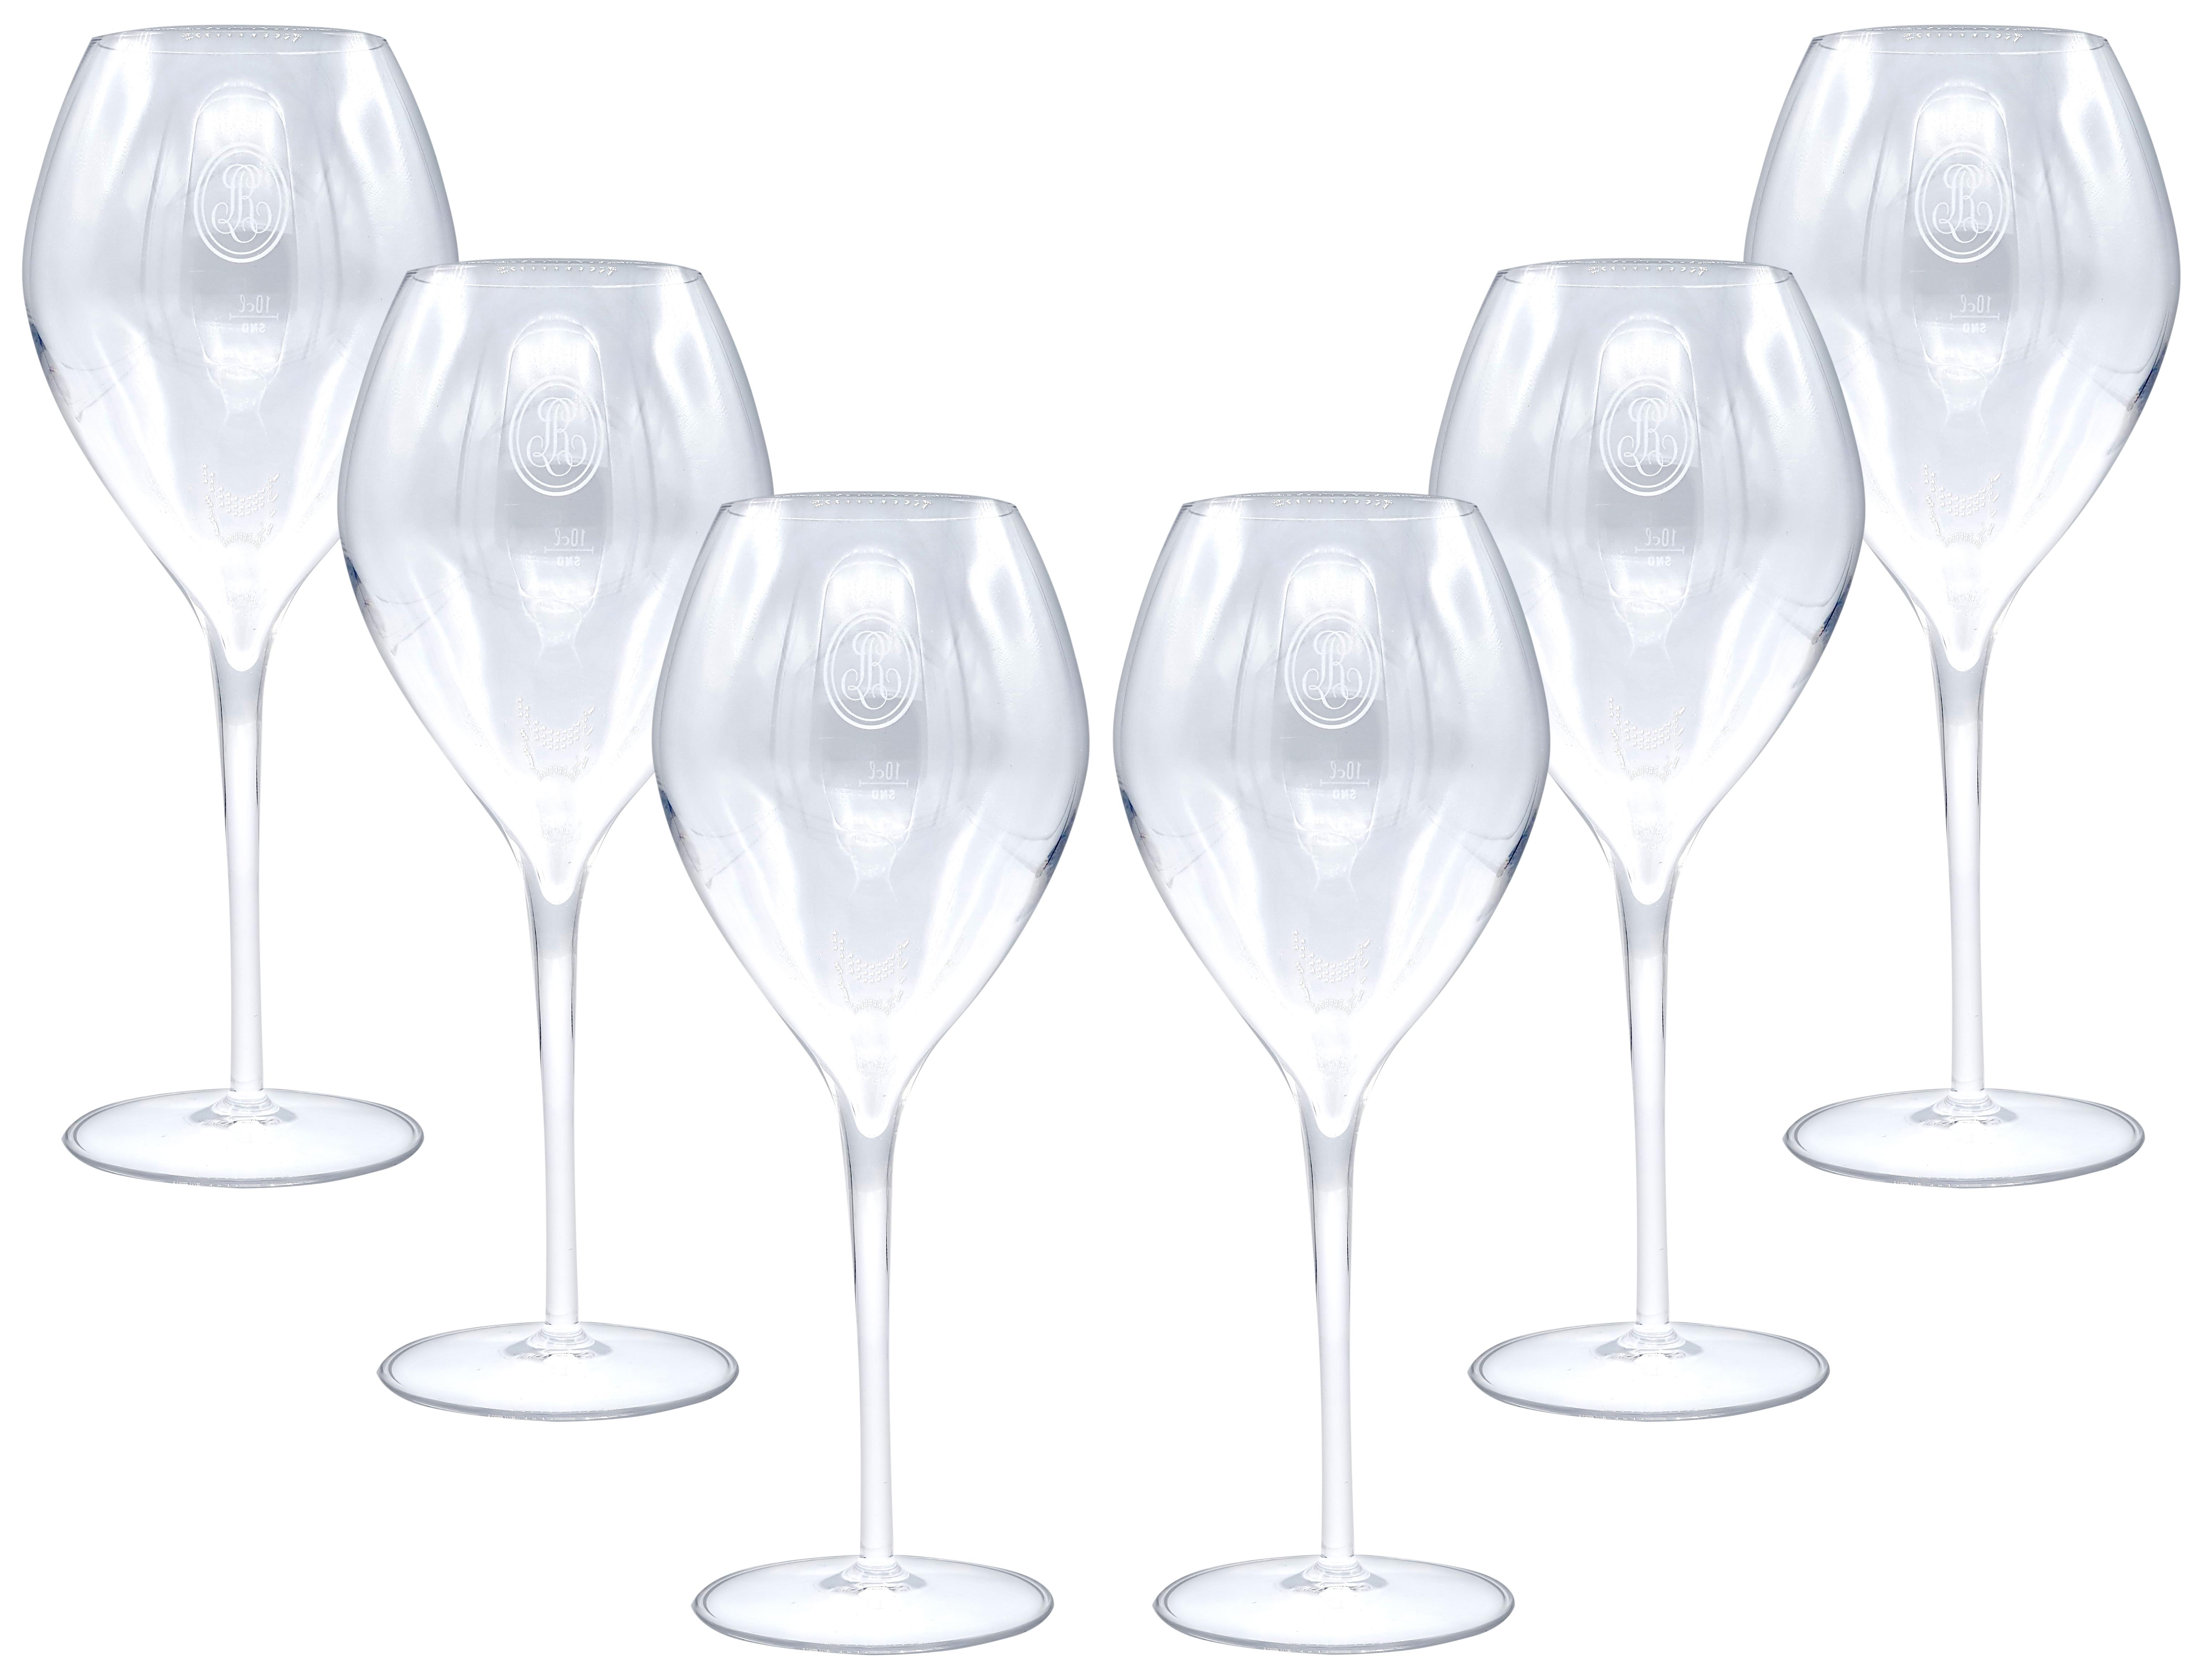 Louis Roederer Champagner Sekt Glas Gläser-Set - 6x Gläser 10cl geeicht